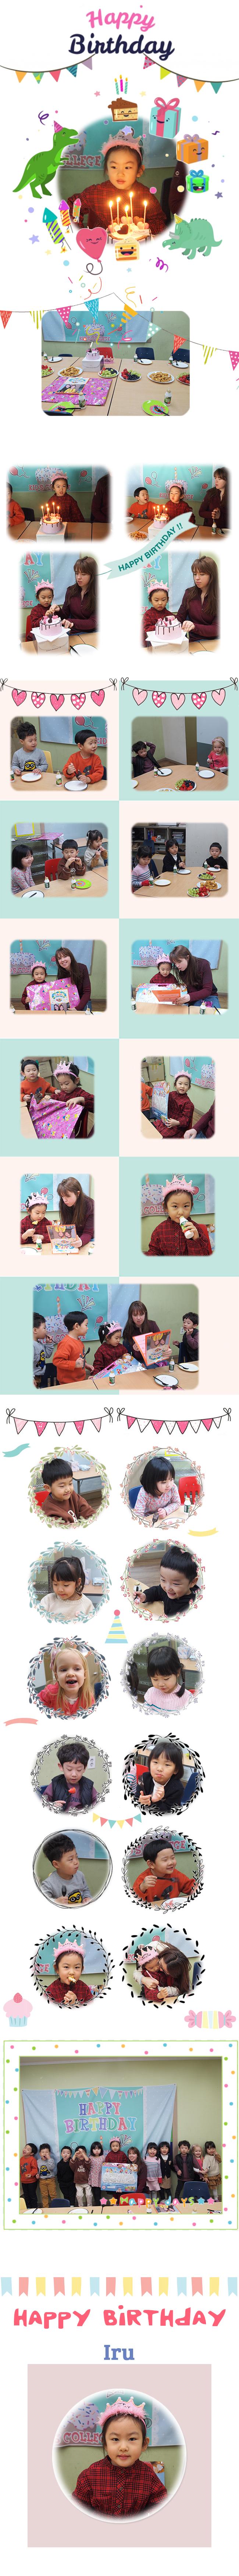 Iru_birthday.jpg